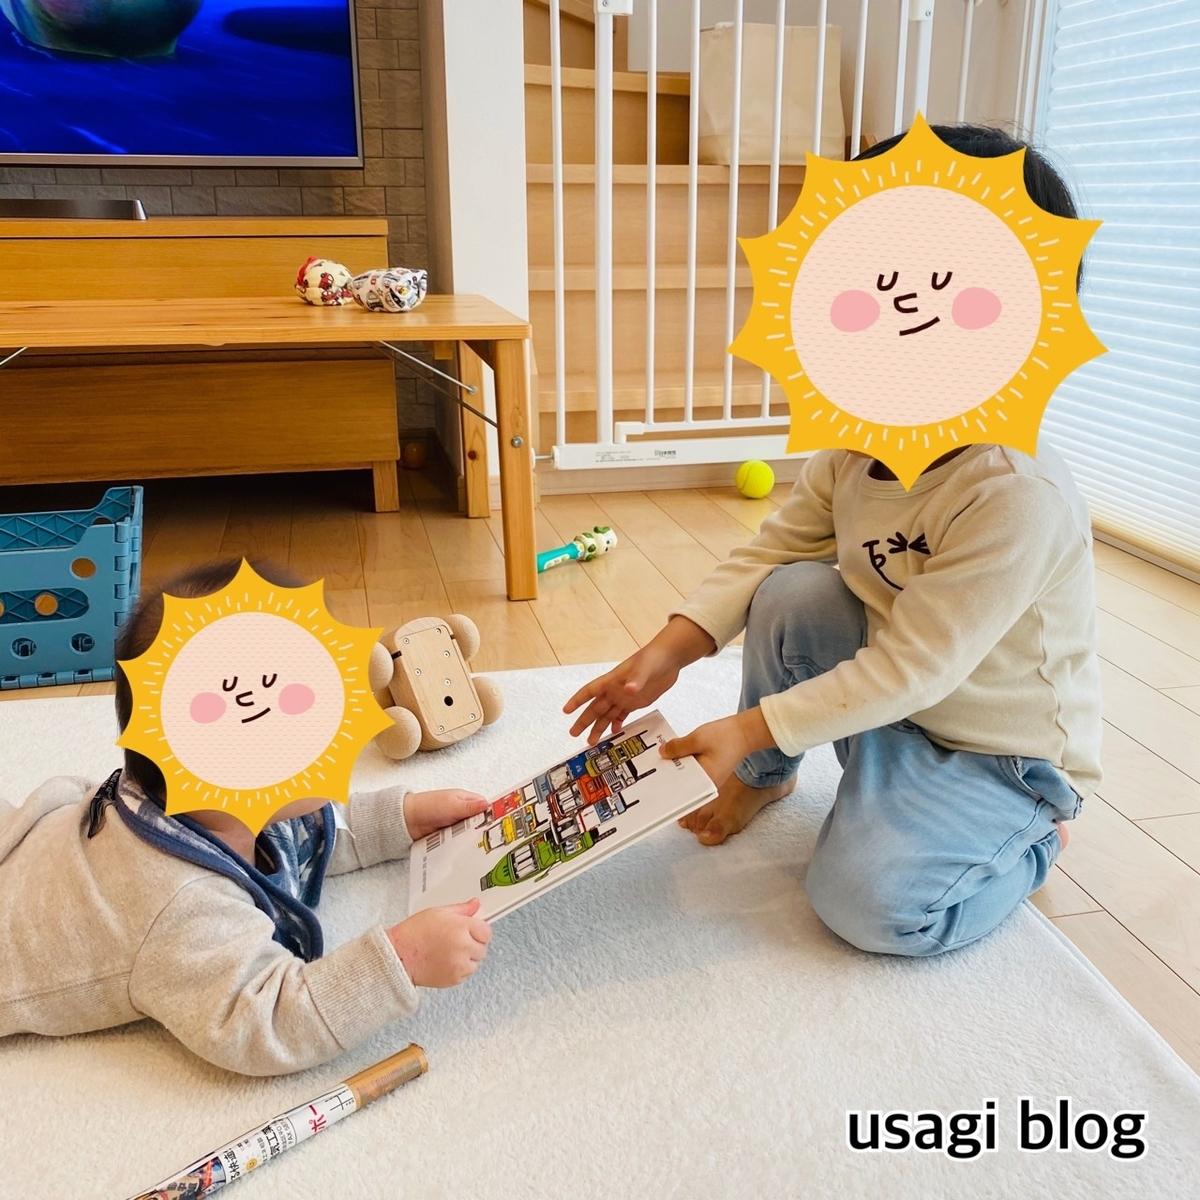 f:id:usagi_k:20200129154909j:plain